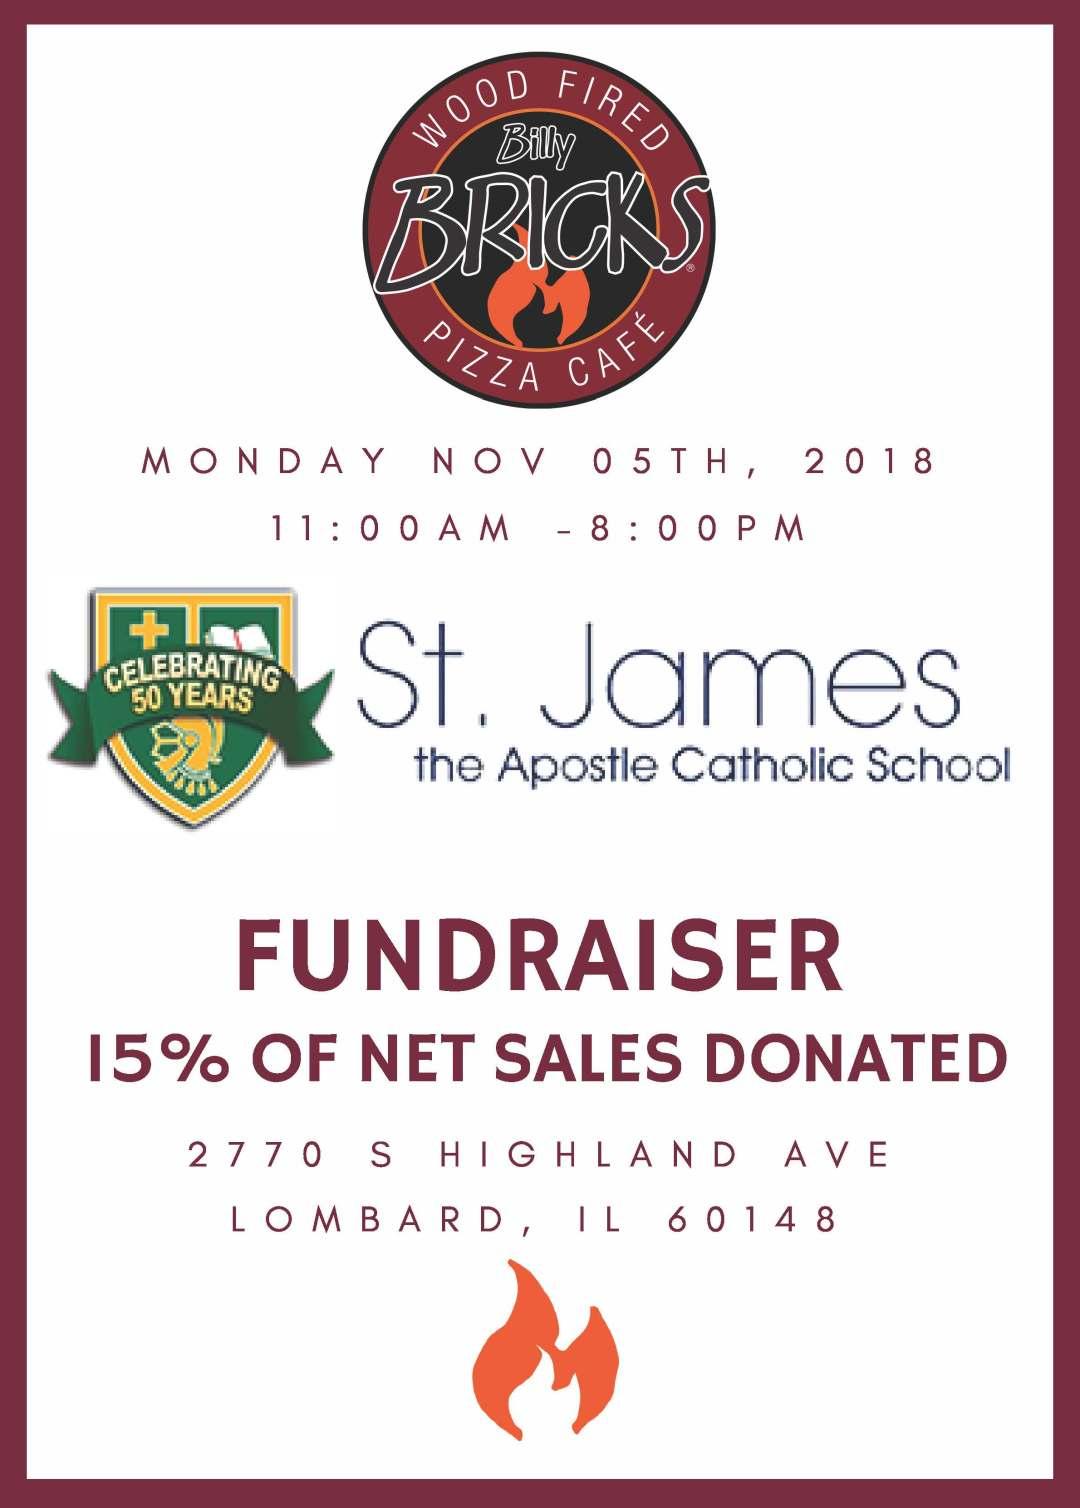 St James Fundraiser 2018